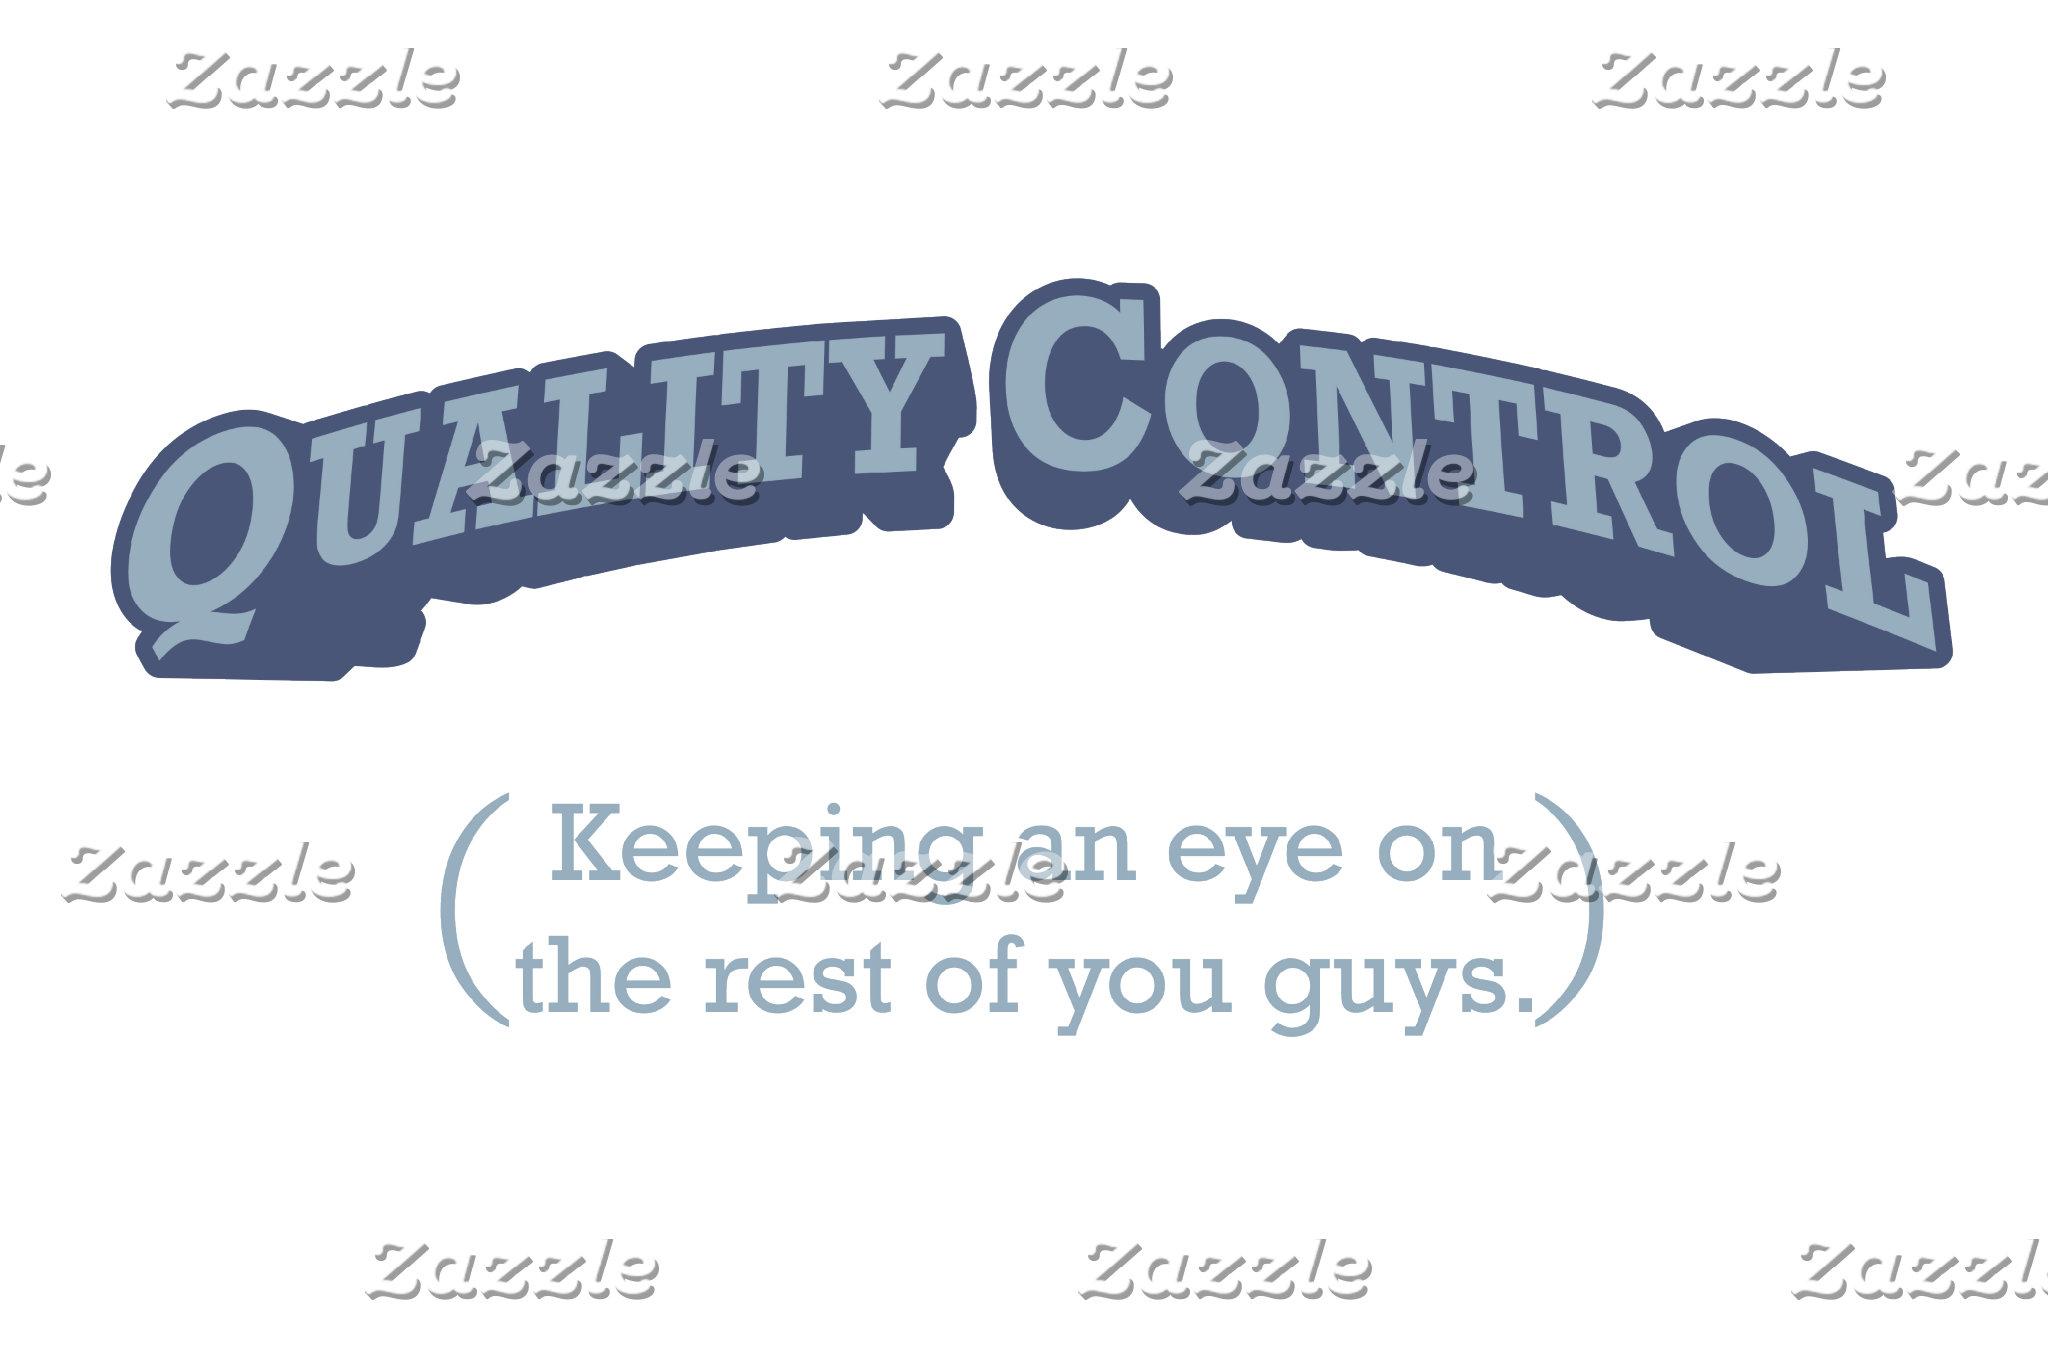 Quality Control / Eye